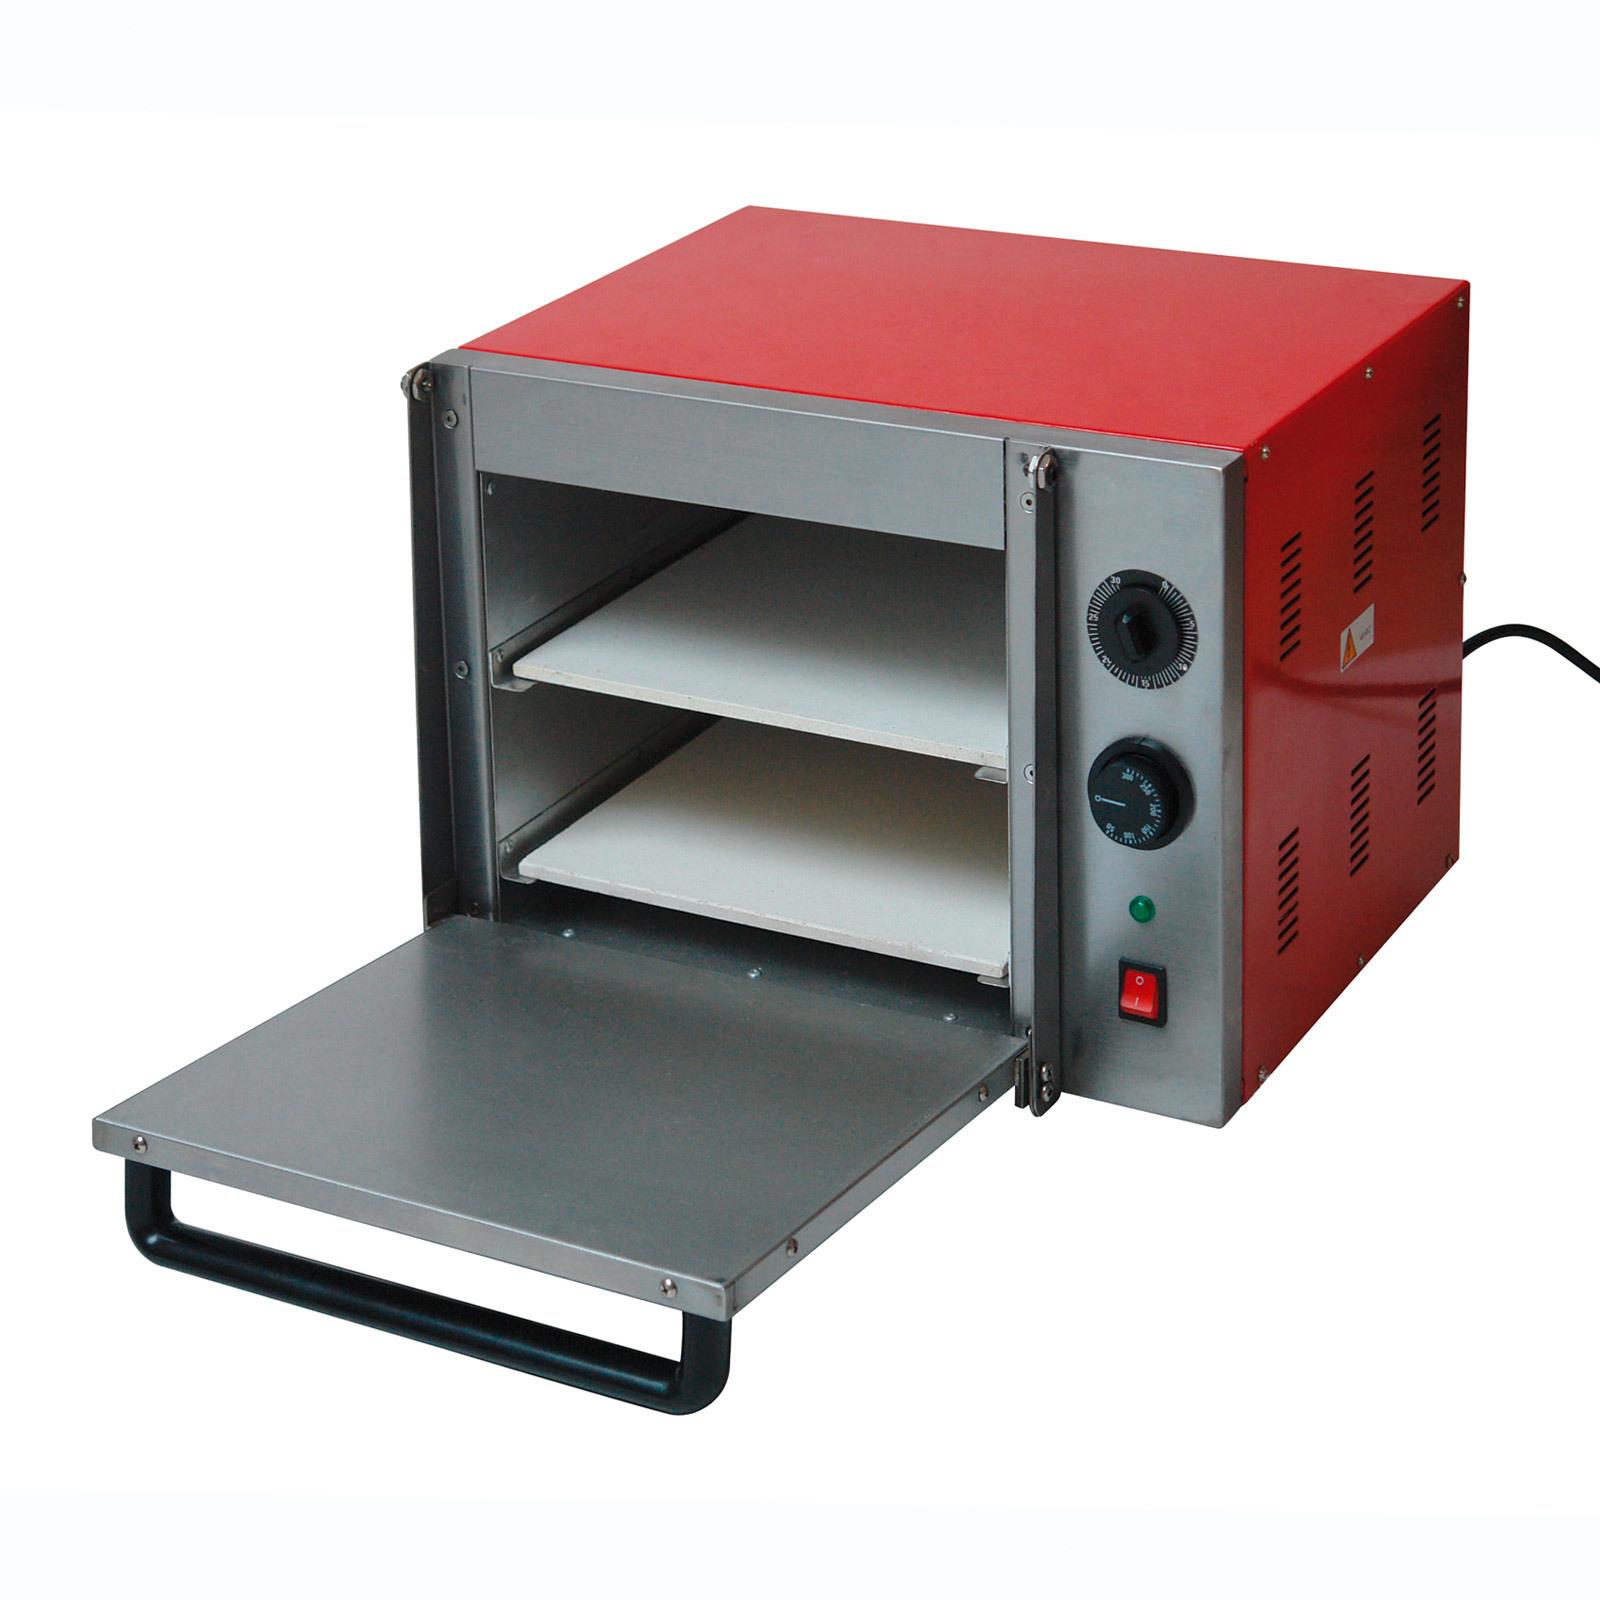 pizzaofen pizza flammkuchen backofen pizzastein 2 etagen po 2x30 230 volt 4031765611008 ebay. Black Bedroom Furniture Sets. Home Design Ideas